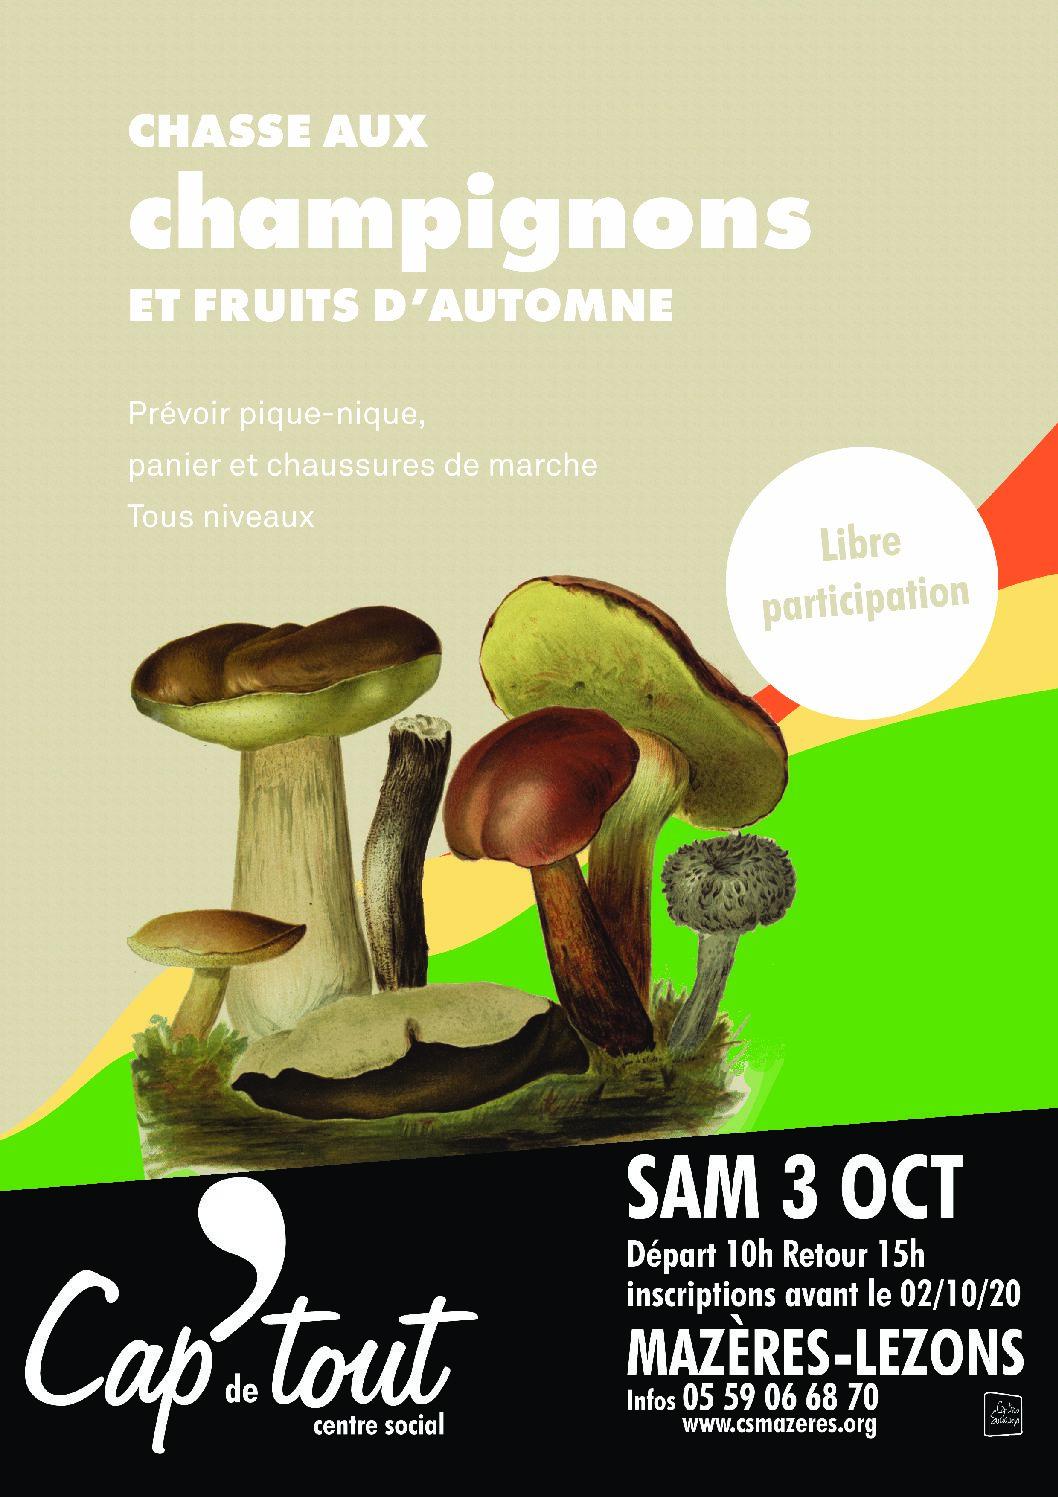 Chasse aux champignons et fruits d'automne